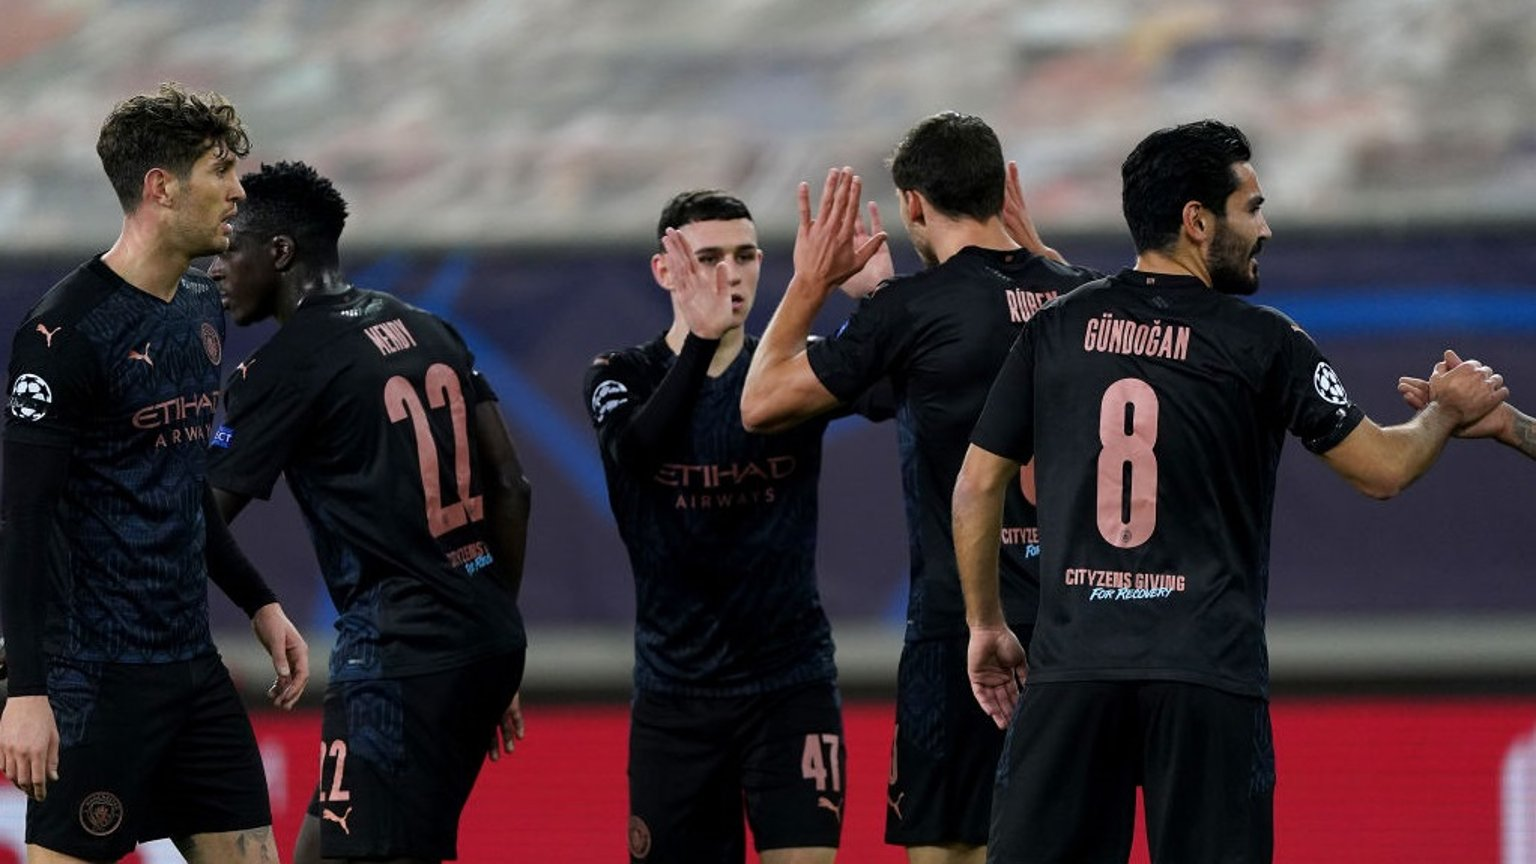 Com gol de Foden, City avança de fase na Liga dos Campeões